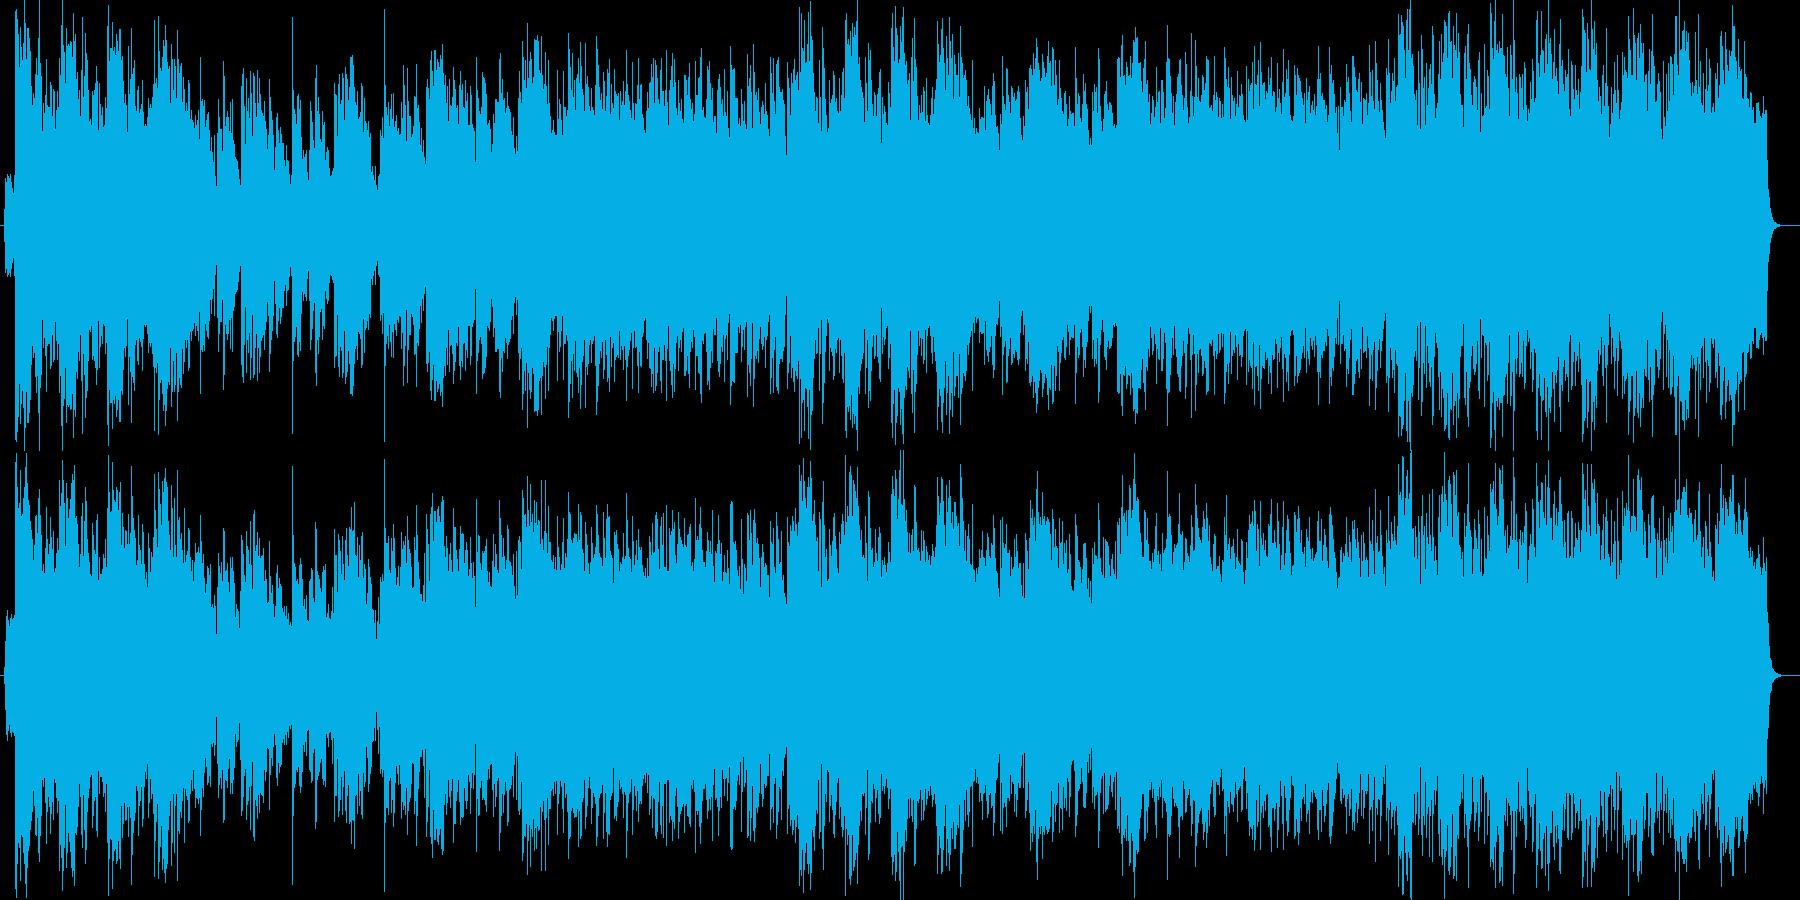 勢いがありエレクトーンが印象的なバラードの再生済みの波形